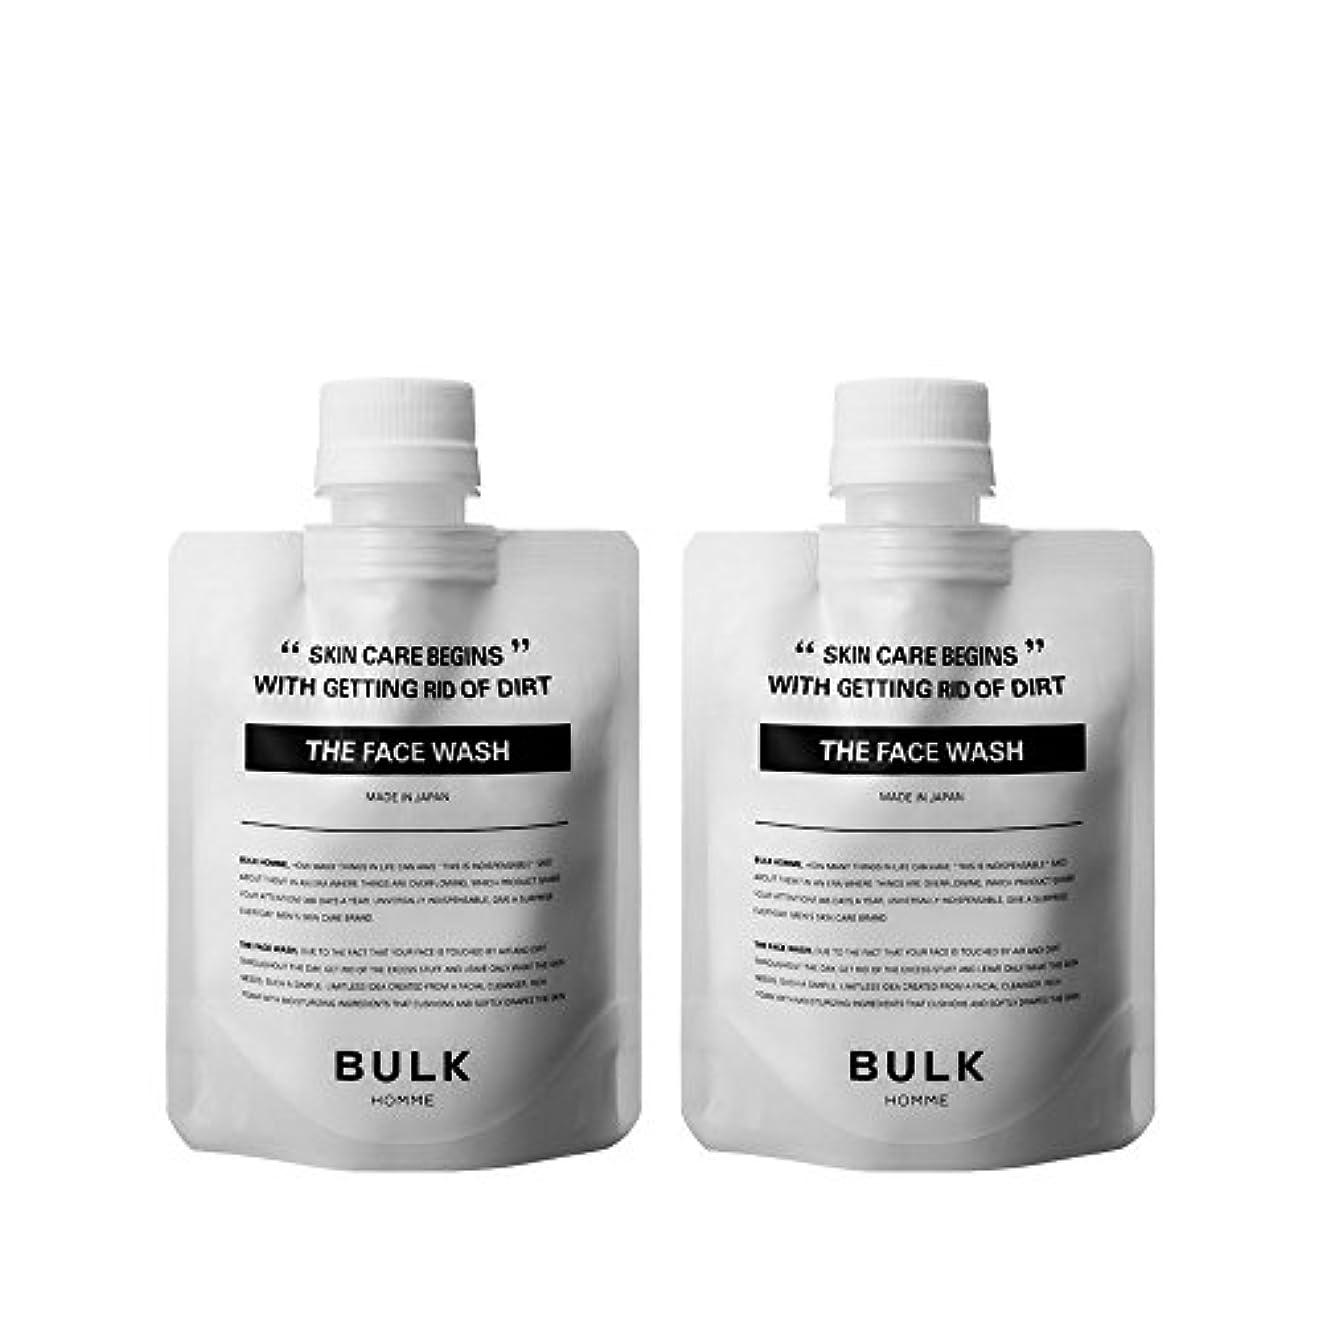 電圧エンジニアリング正午【メンズ洗顔】バルクオム フェイスウォッシュ 2個セット 100g×2個 BULK HOMME